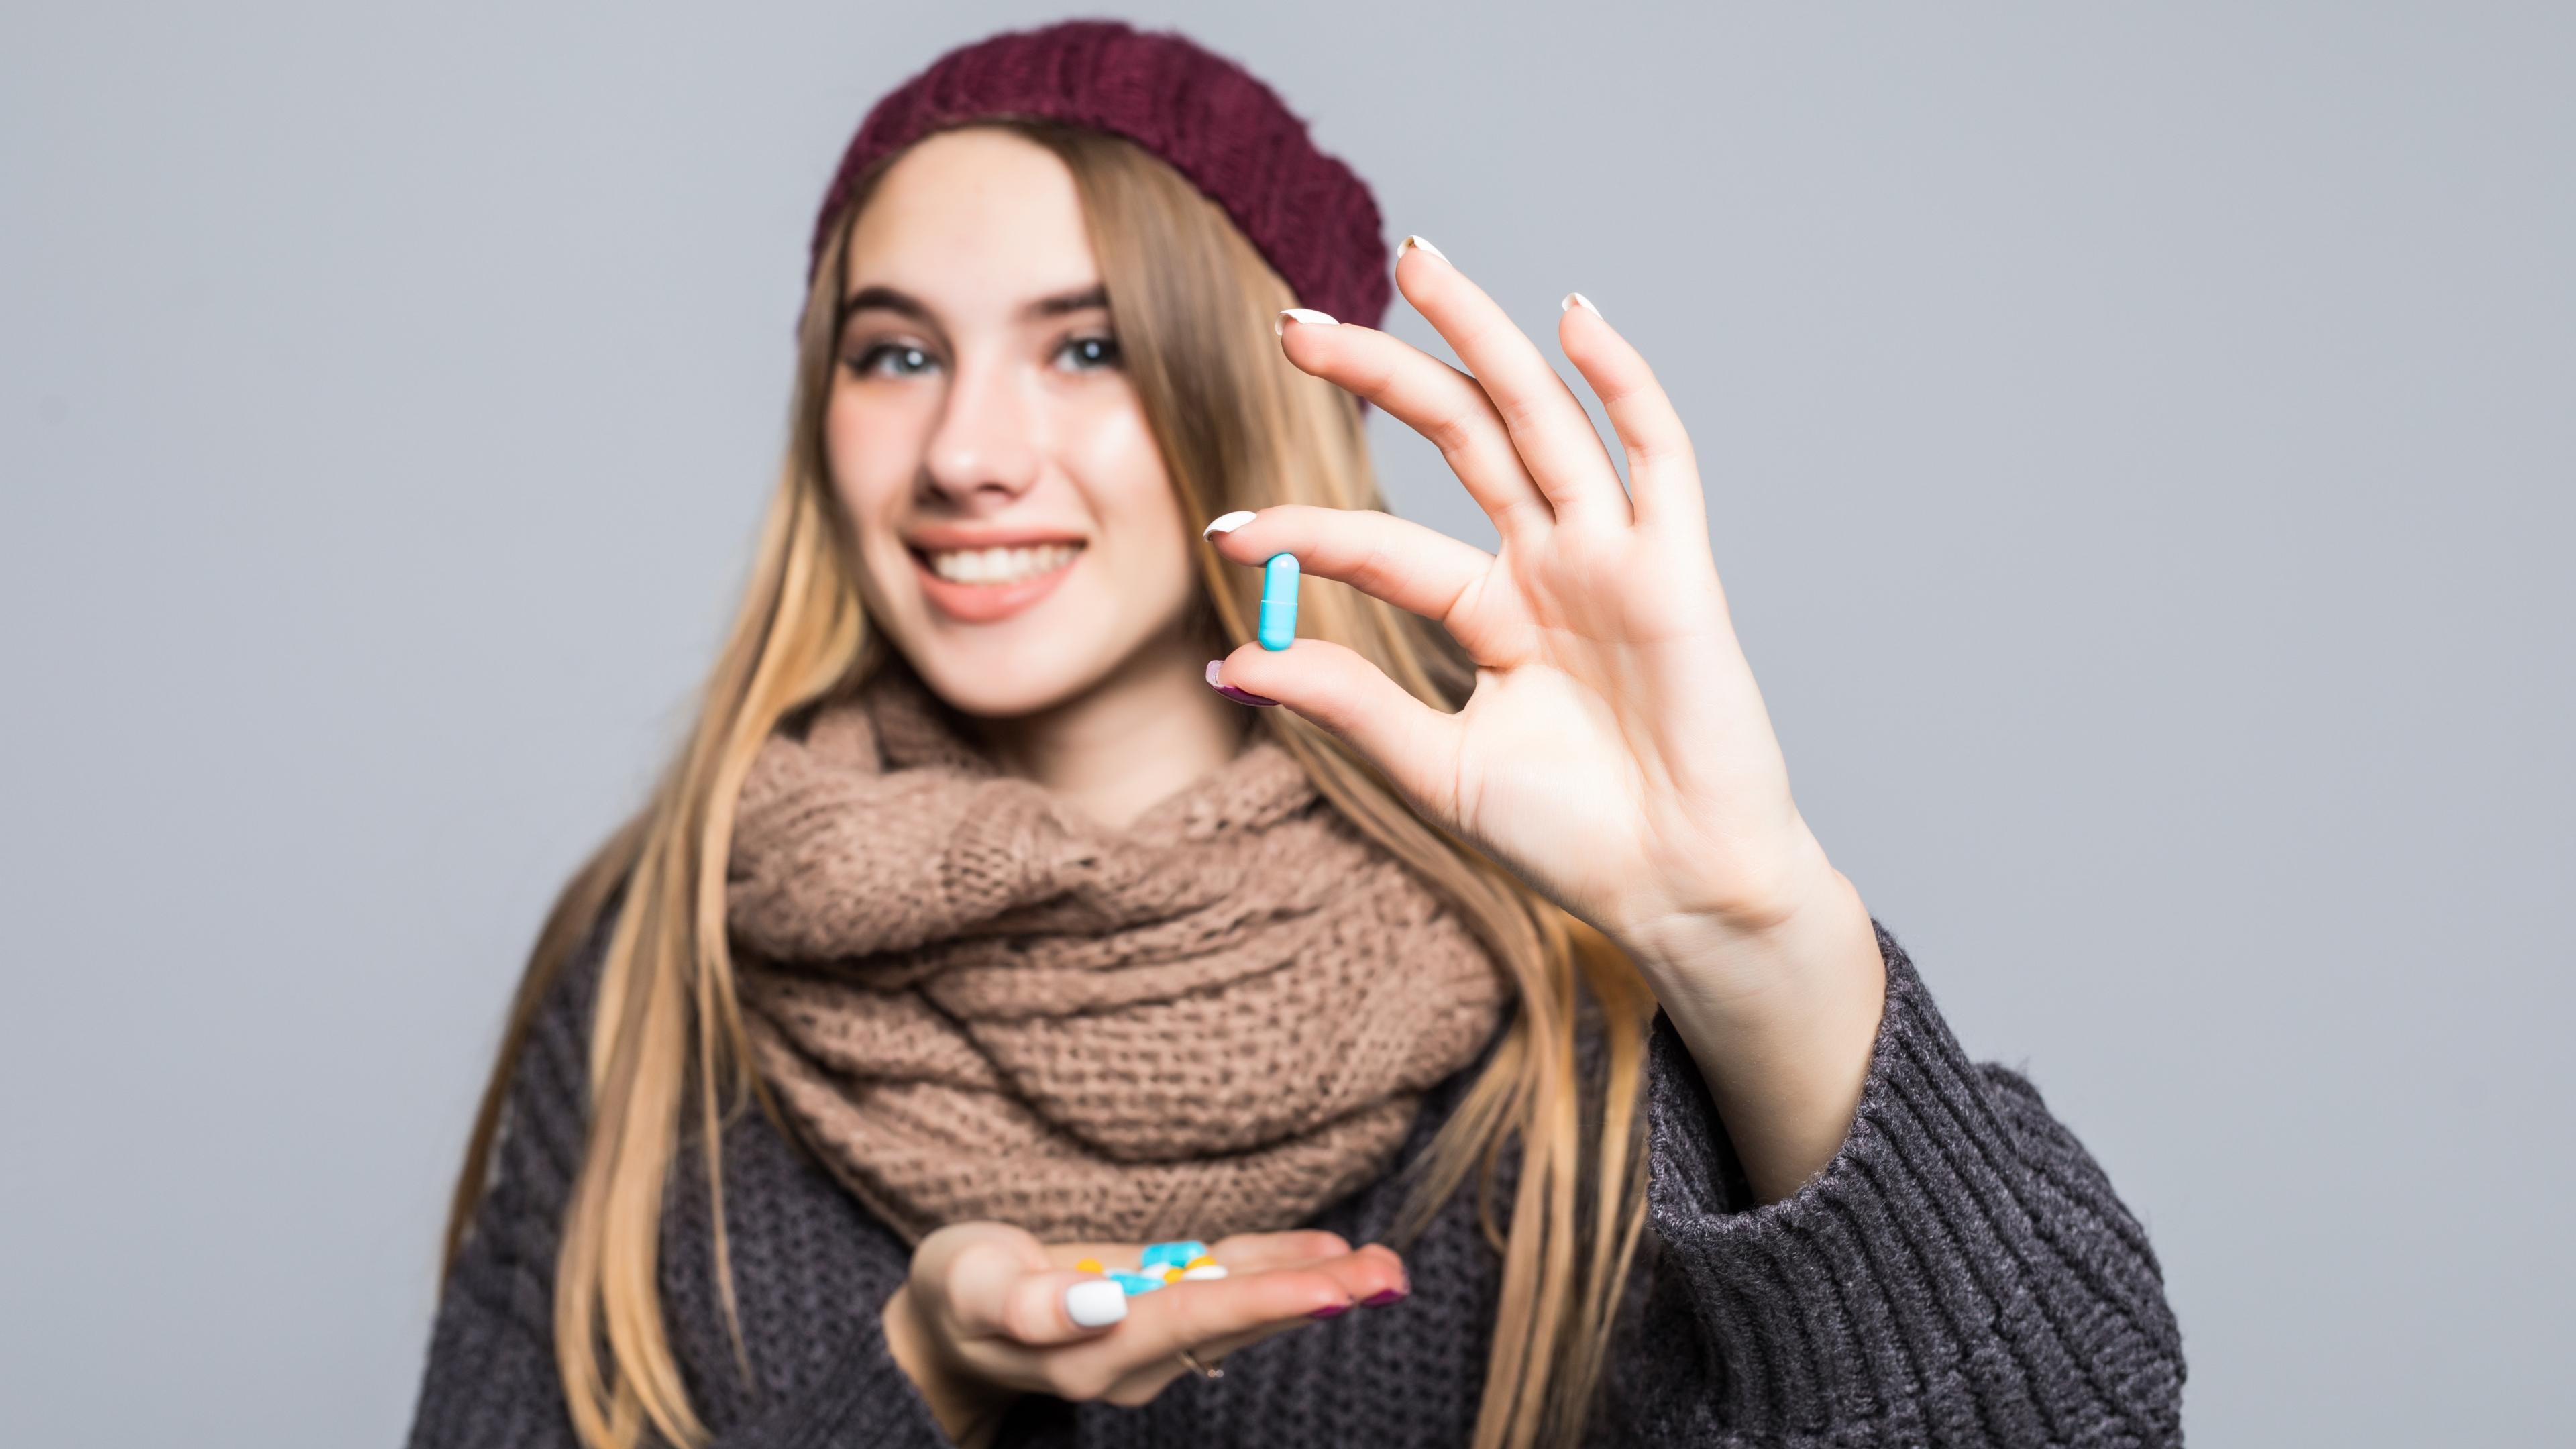 Прием биодобавок связали с пониженным риском заражения SARS-Cov-2 у женщин